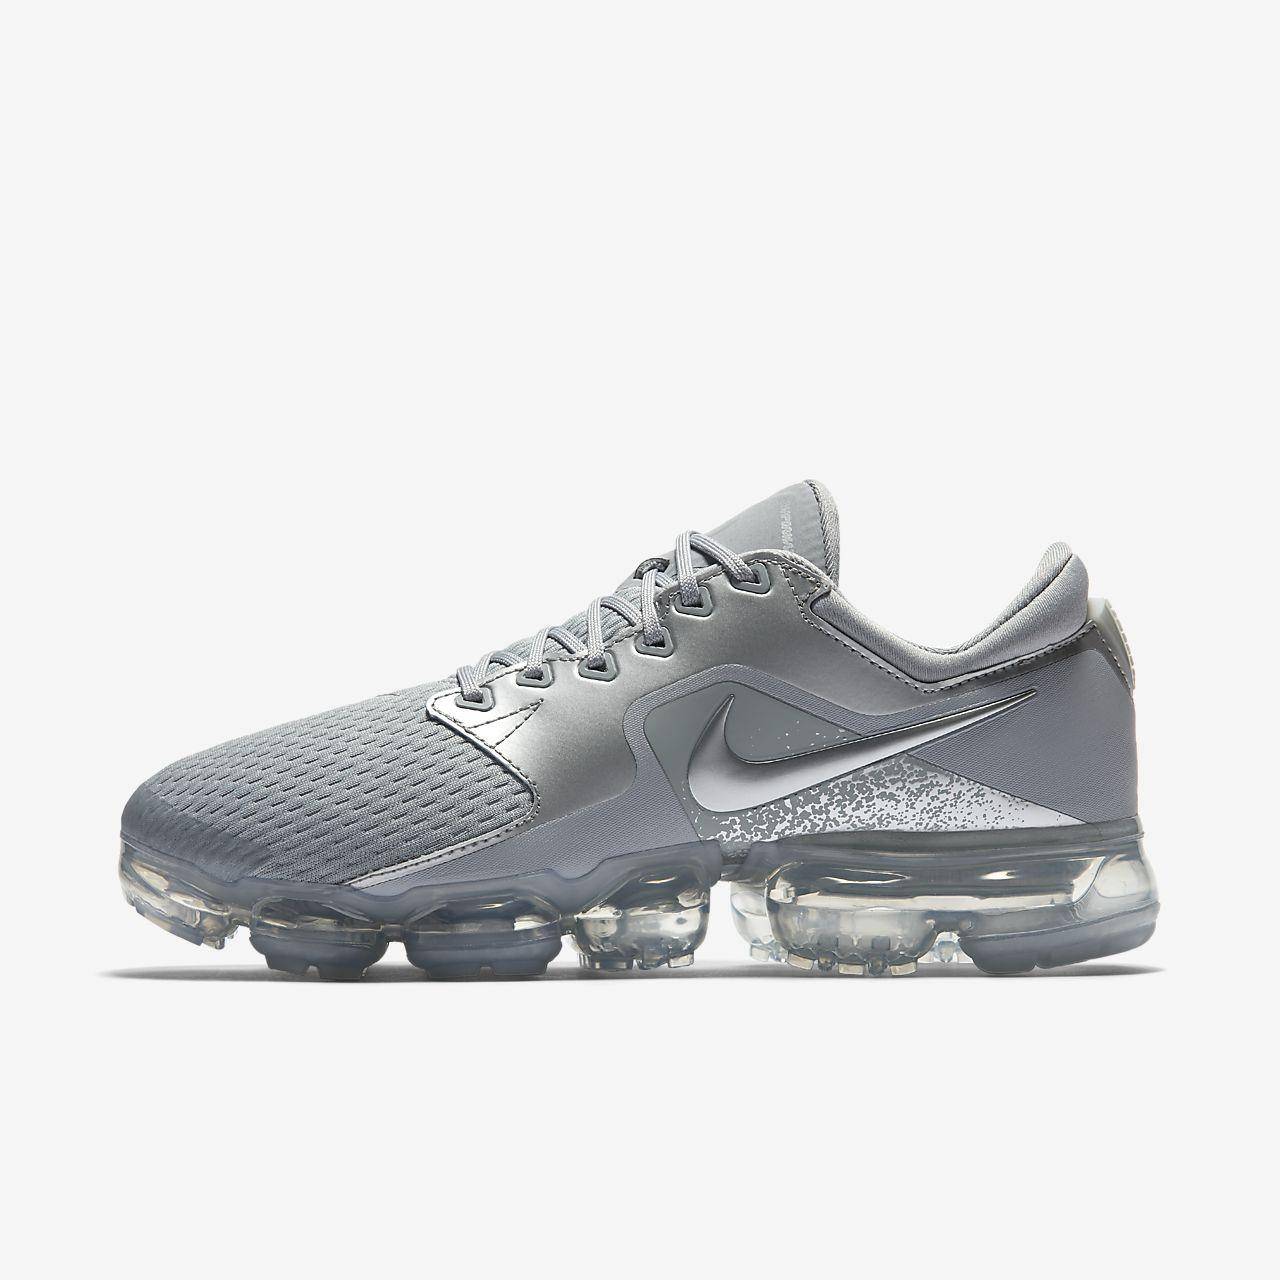 ... Nike Air VaporMax Women's Running Shoe